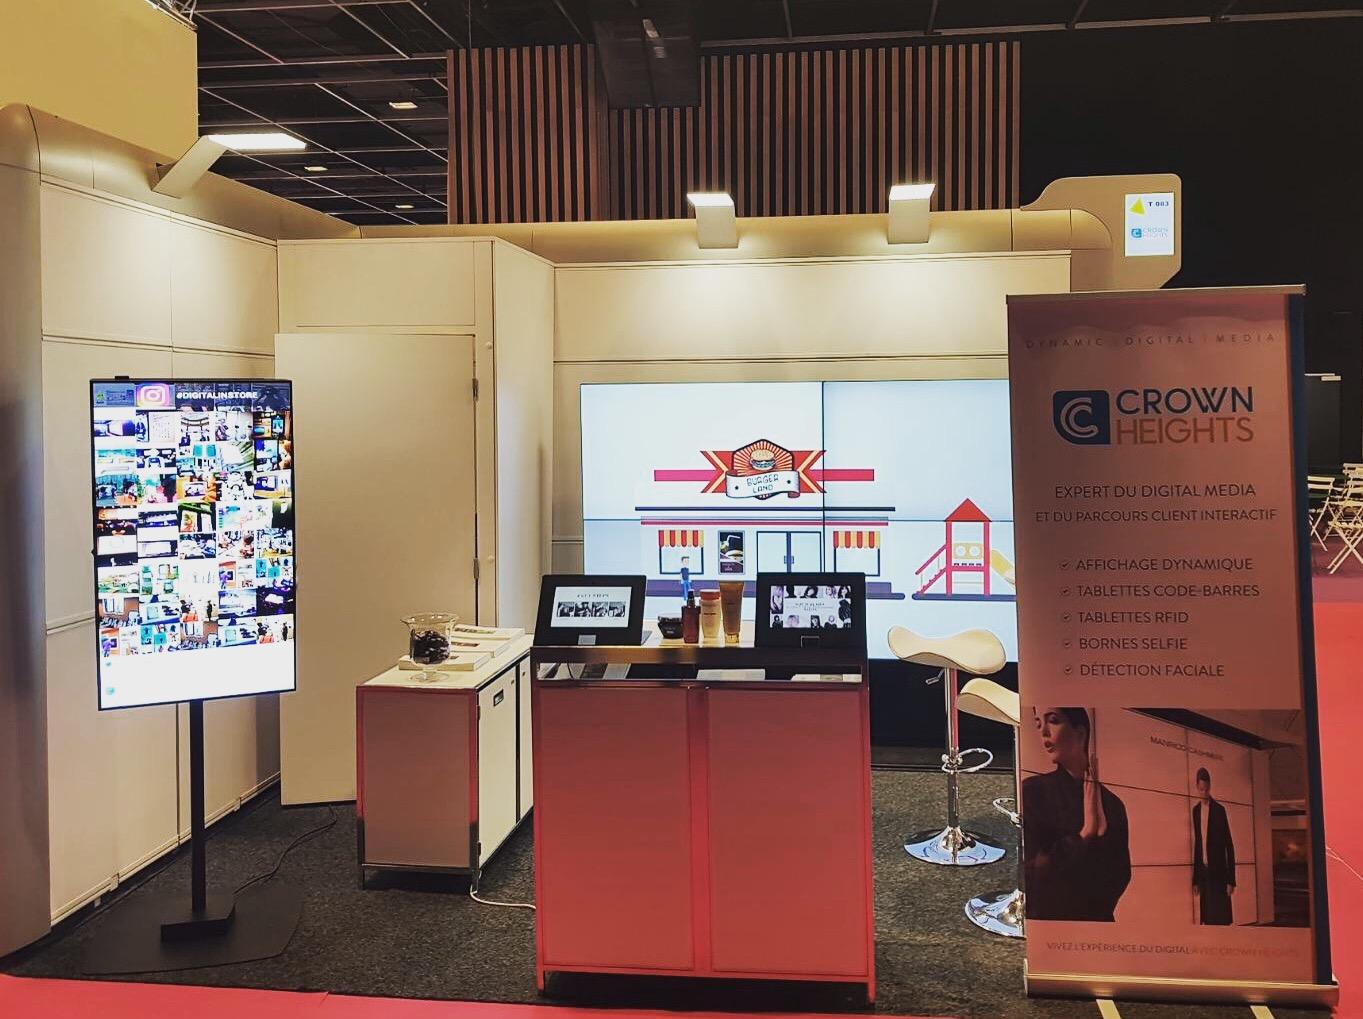 Crown heights paris retail week - digital-in-store